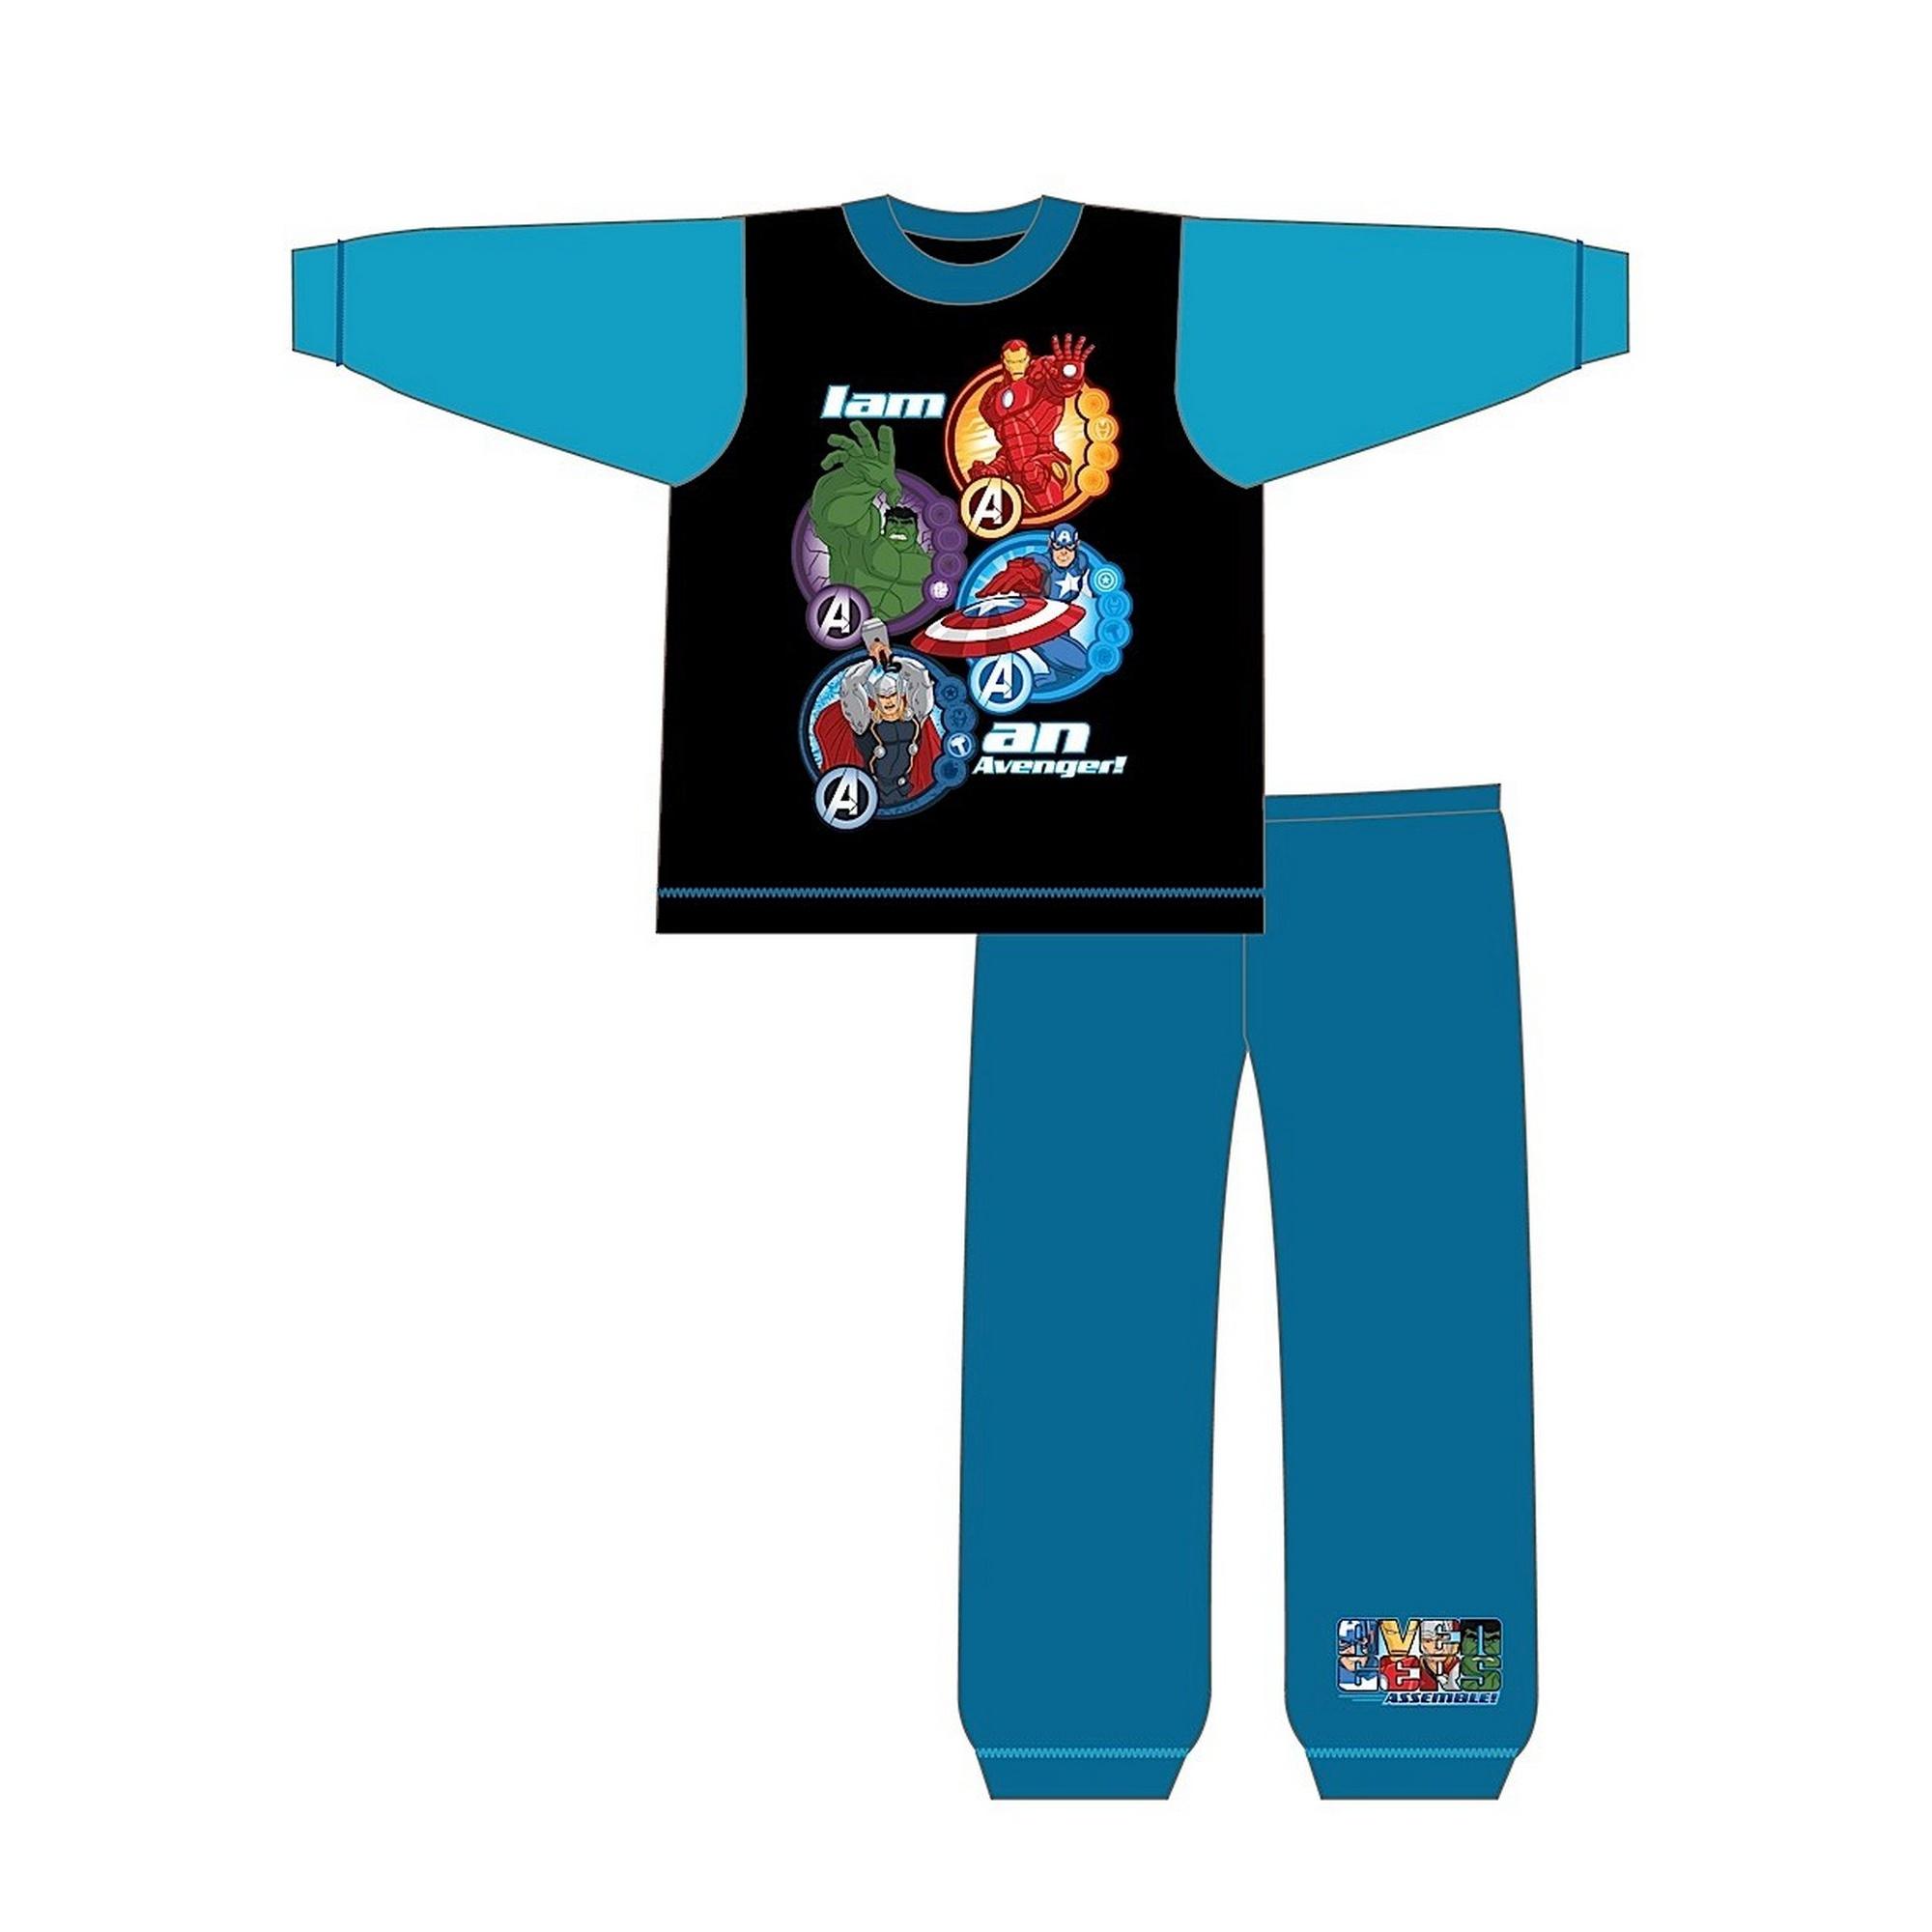 Marvel-Avengers-Pijama-infantil-de-manga-larga-con-diseno-I-Am-An-Avenger